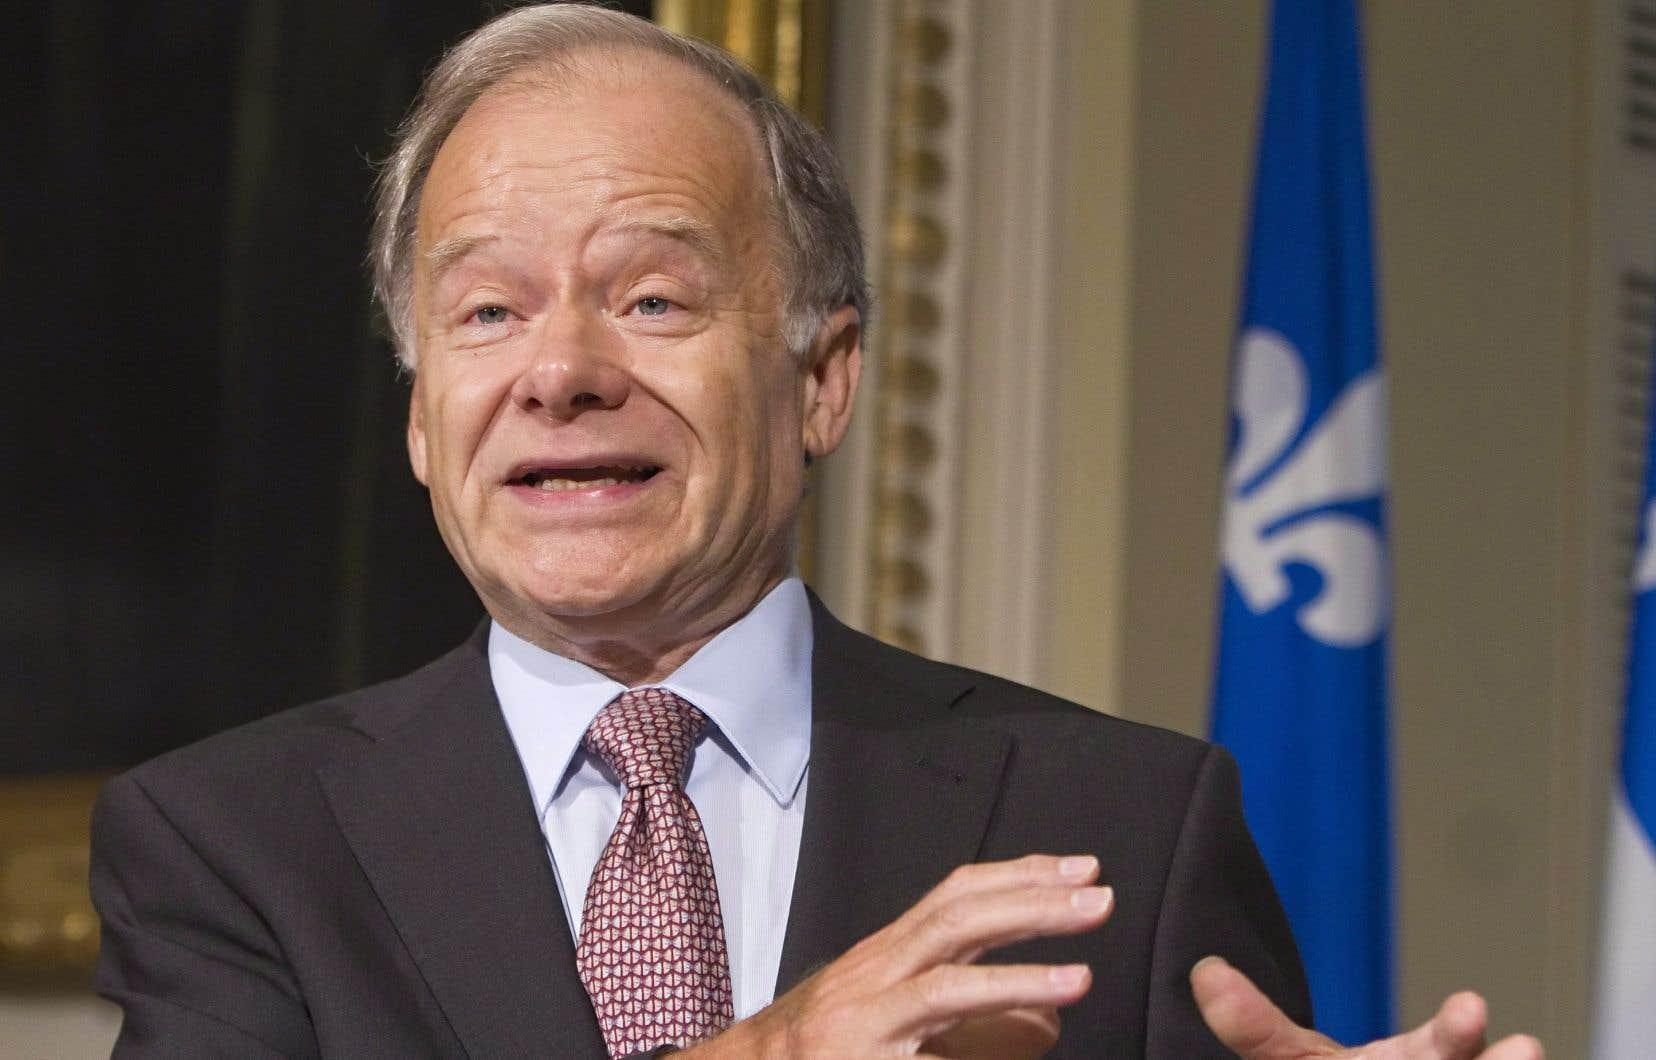 Selon le négociateur pour le Québec dans la négociation du traité tripartite de libre-échange, Raymond Bachand, la pression devrait continuer de monter au sud de la frontière au cours des prochaines semaines.